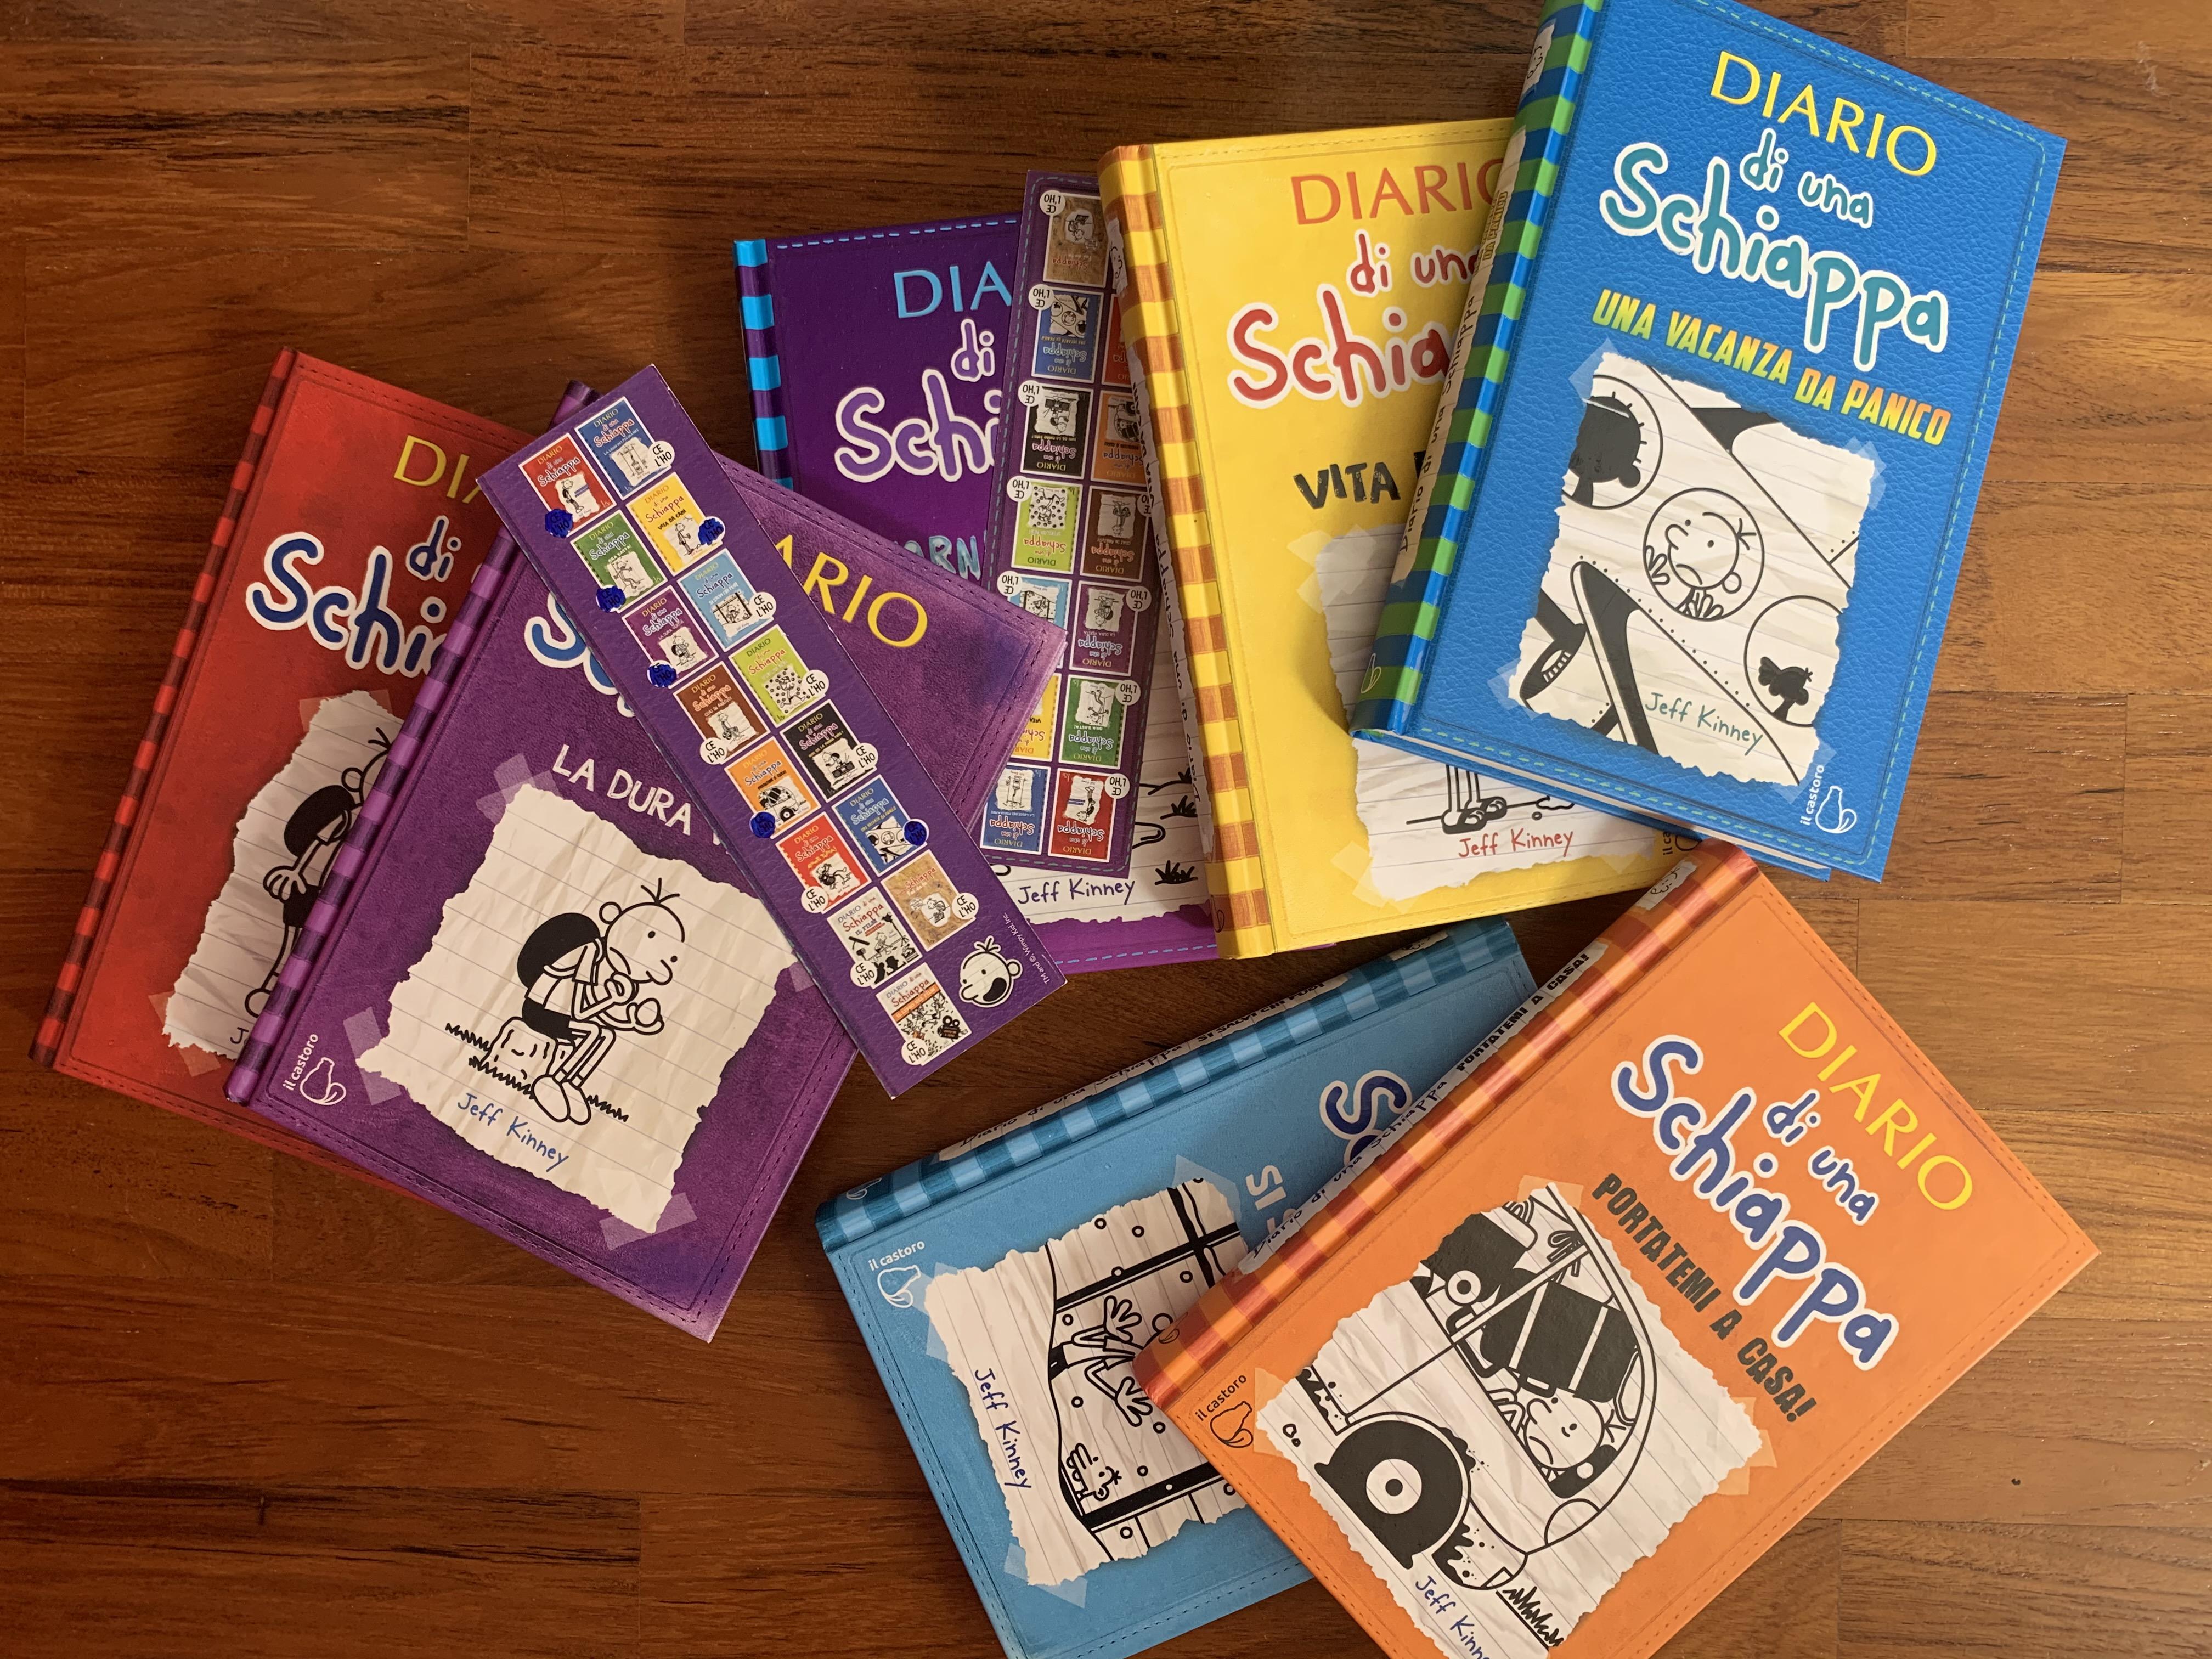 I libri più amati in casa nostra in questo periodo! Da portare al mare, in piscina, in vacanza :)